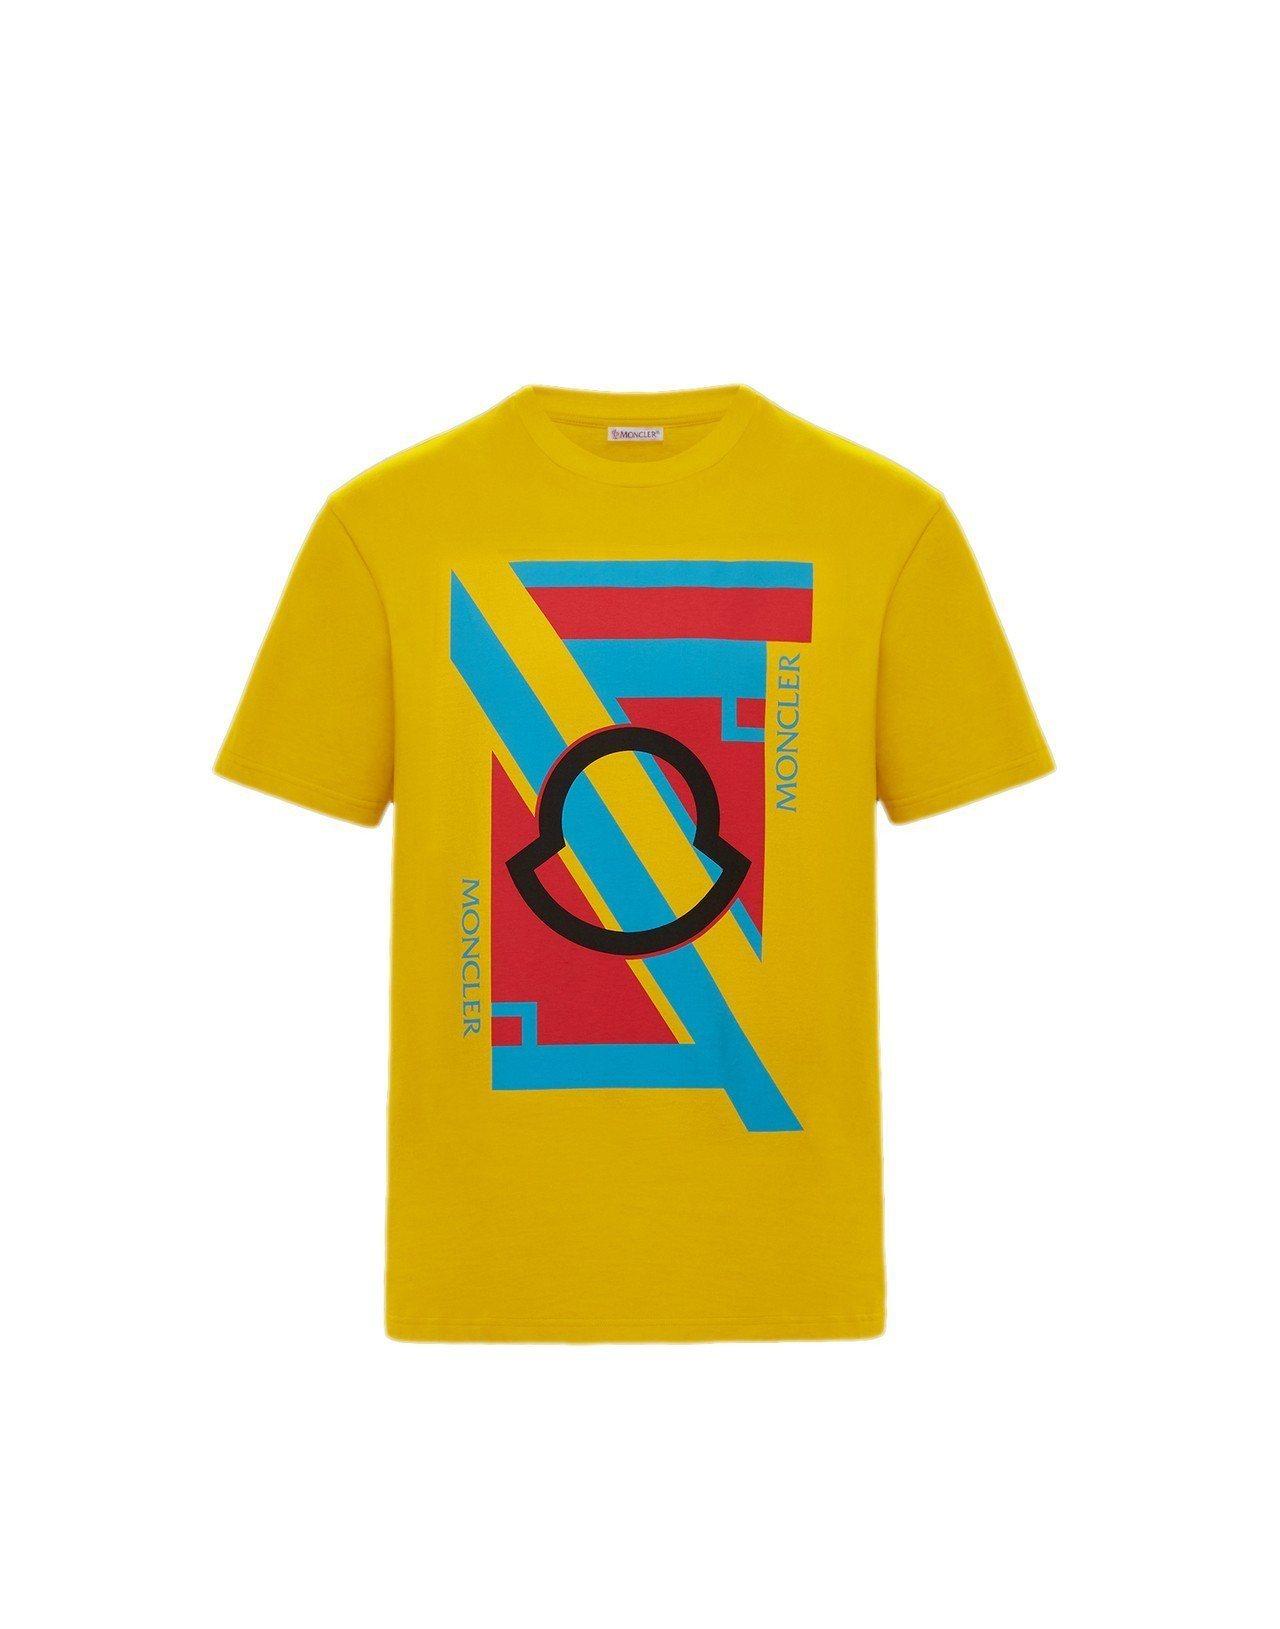 Maglia亮黃色短袖T恤,售價9,700元。圖/MONCLER提供